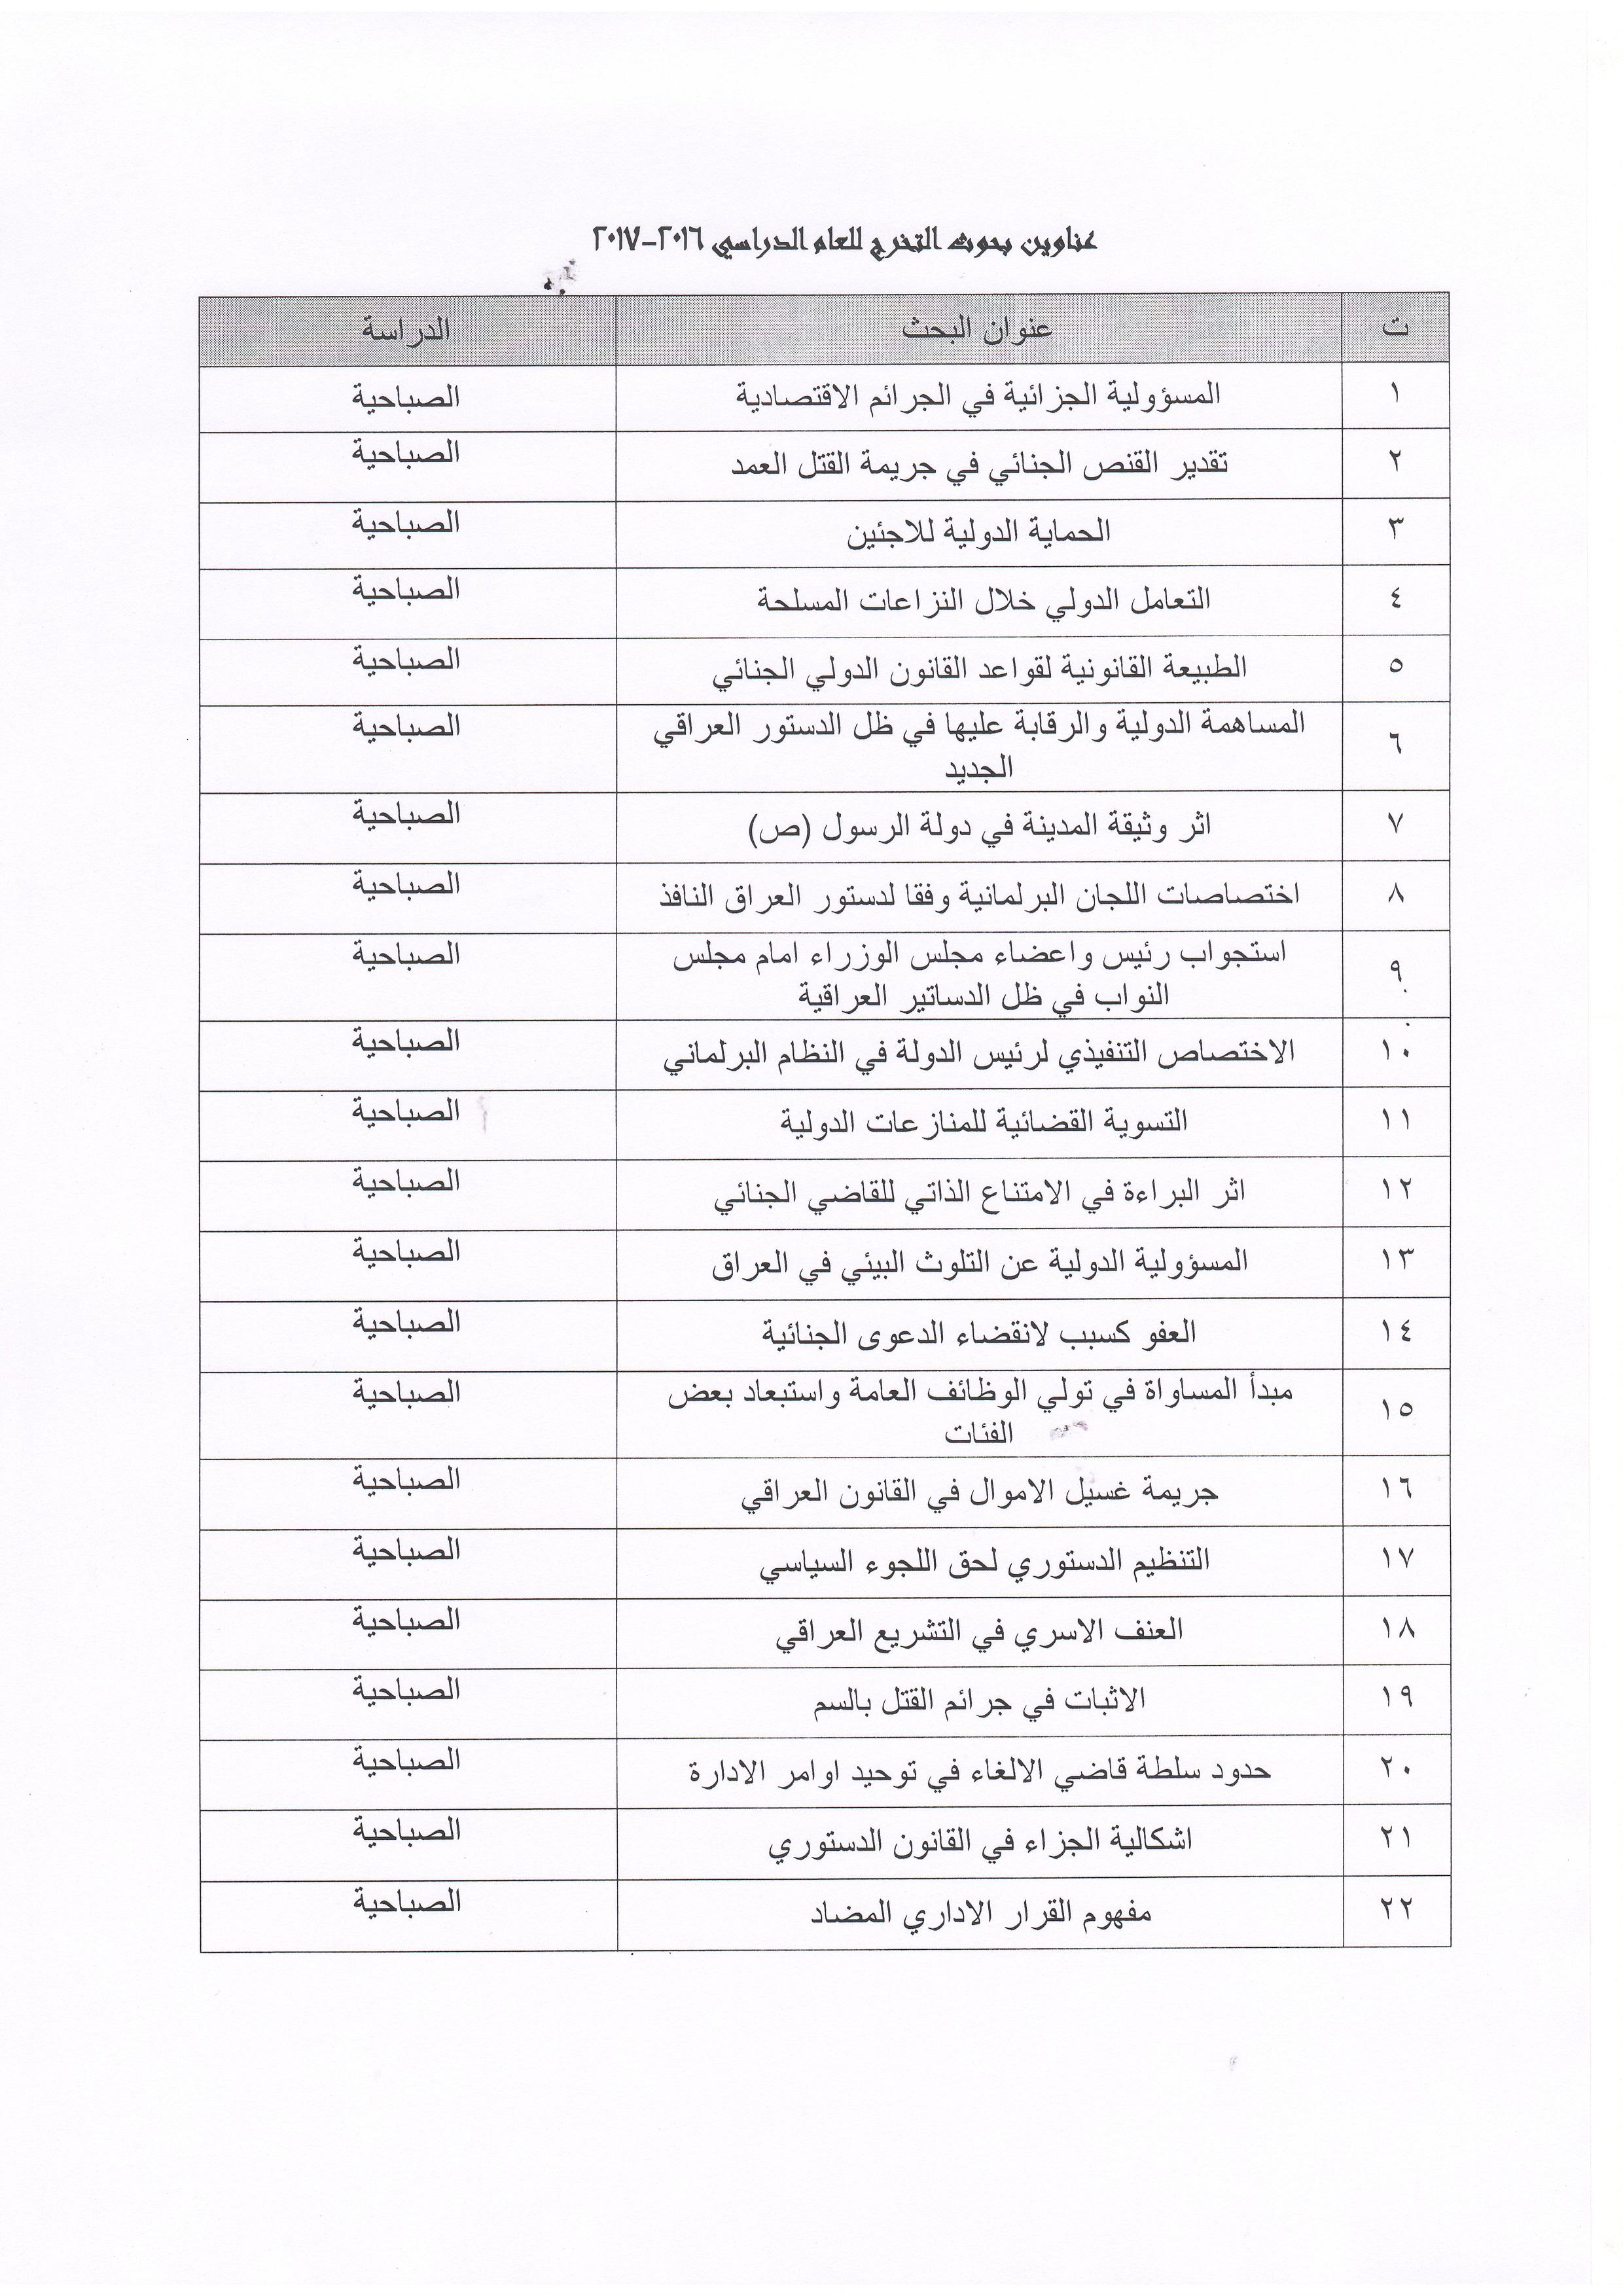 بحث تخرج جاهز في القانون pdf